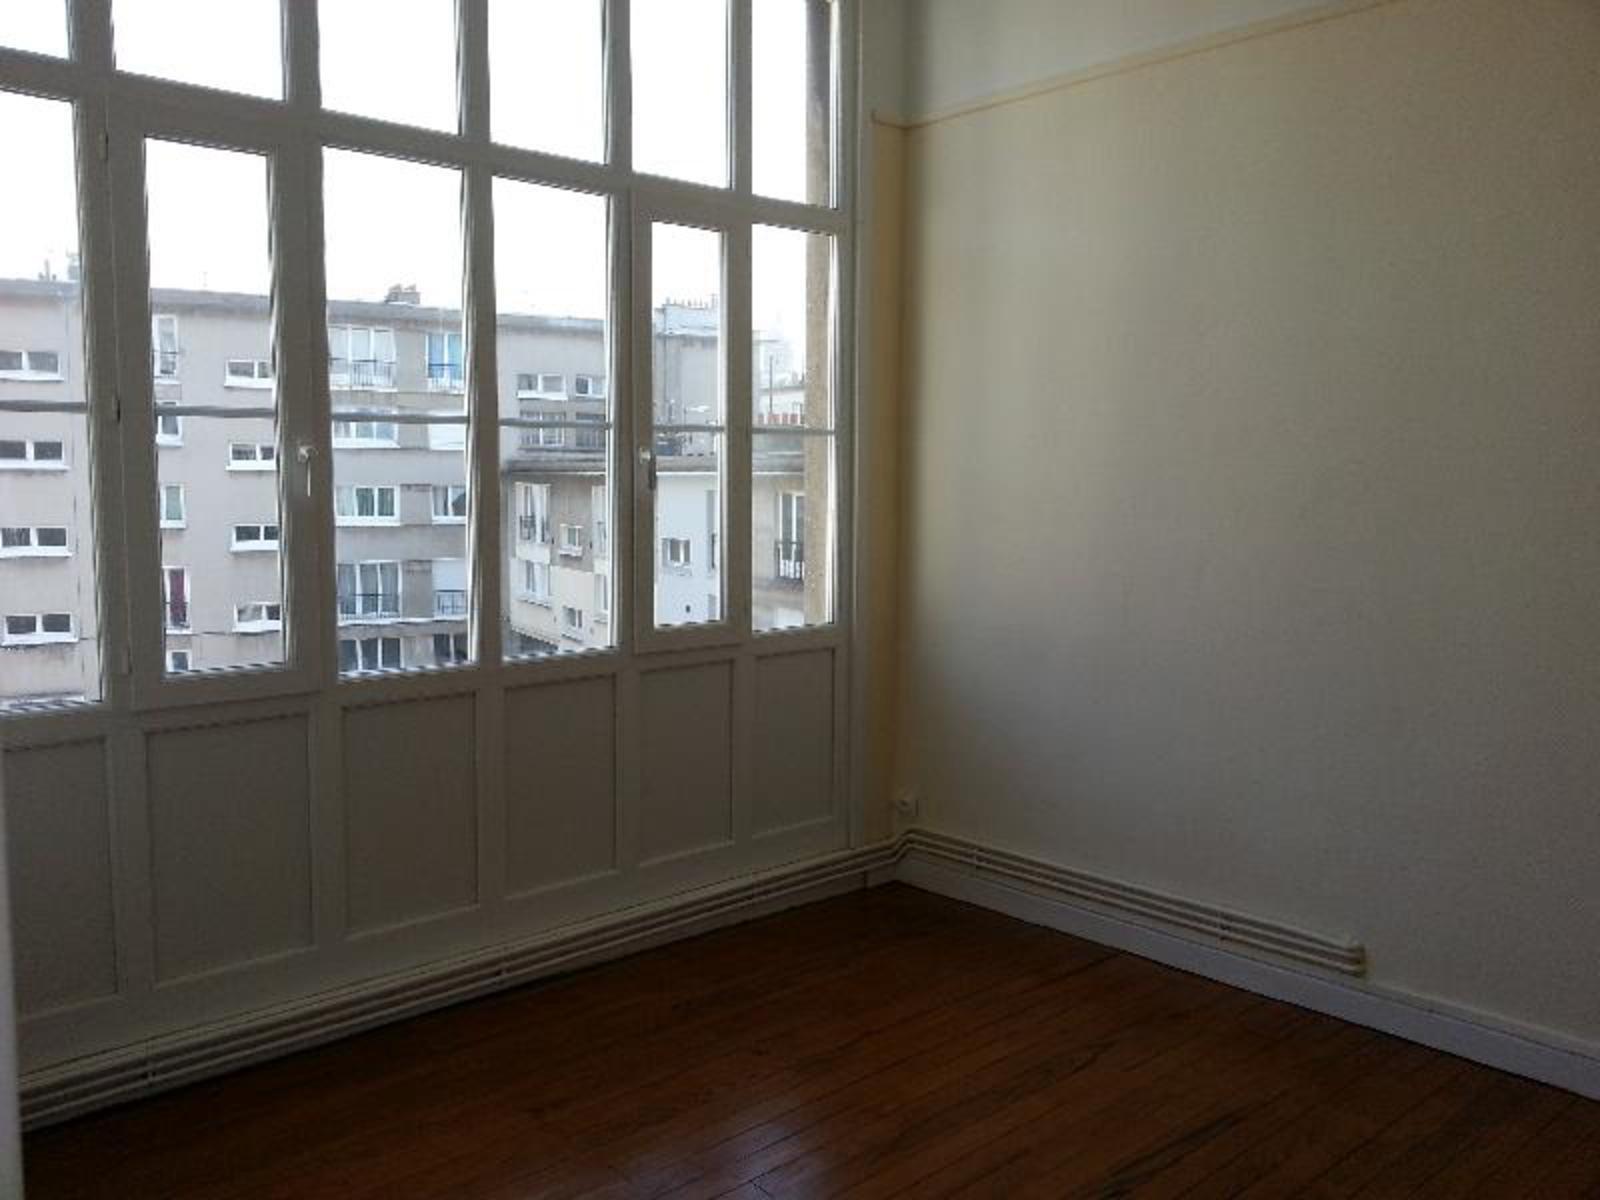 Location Appartement Location BOULOGNE SUR MER,  35 m2 - 1 pièce + cuisine  à Boulogne sur mer